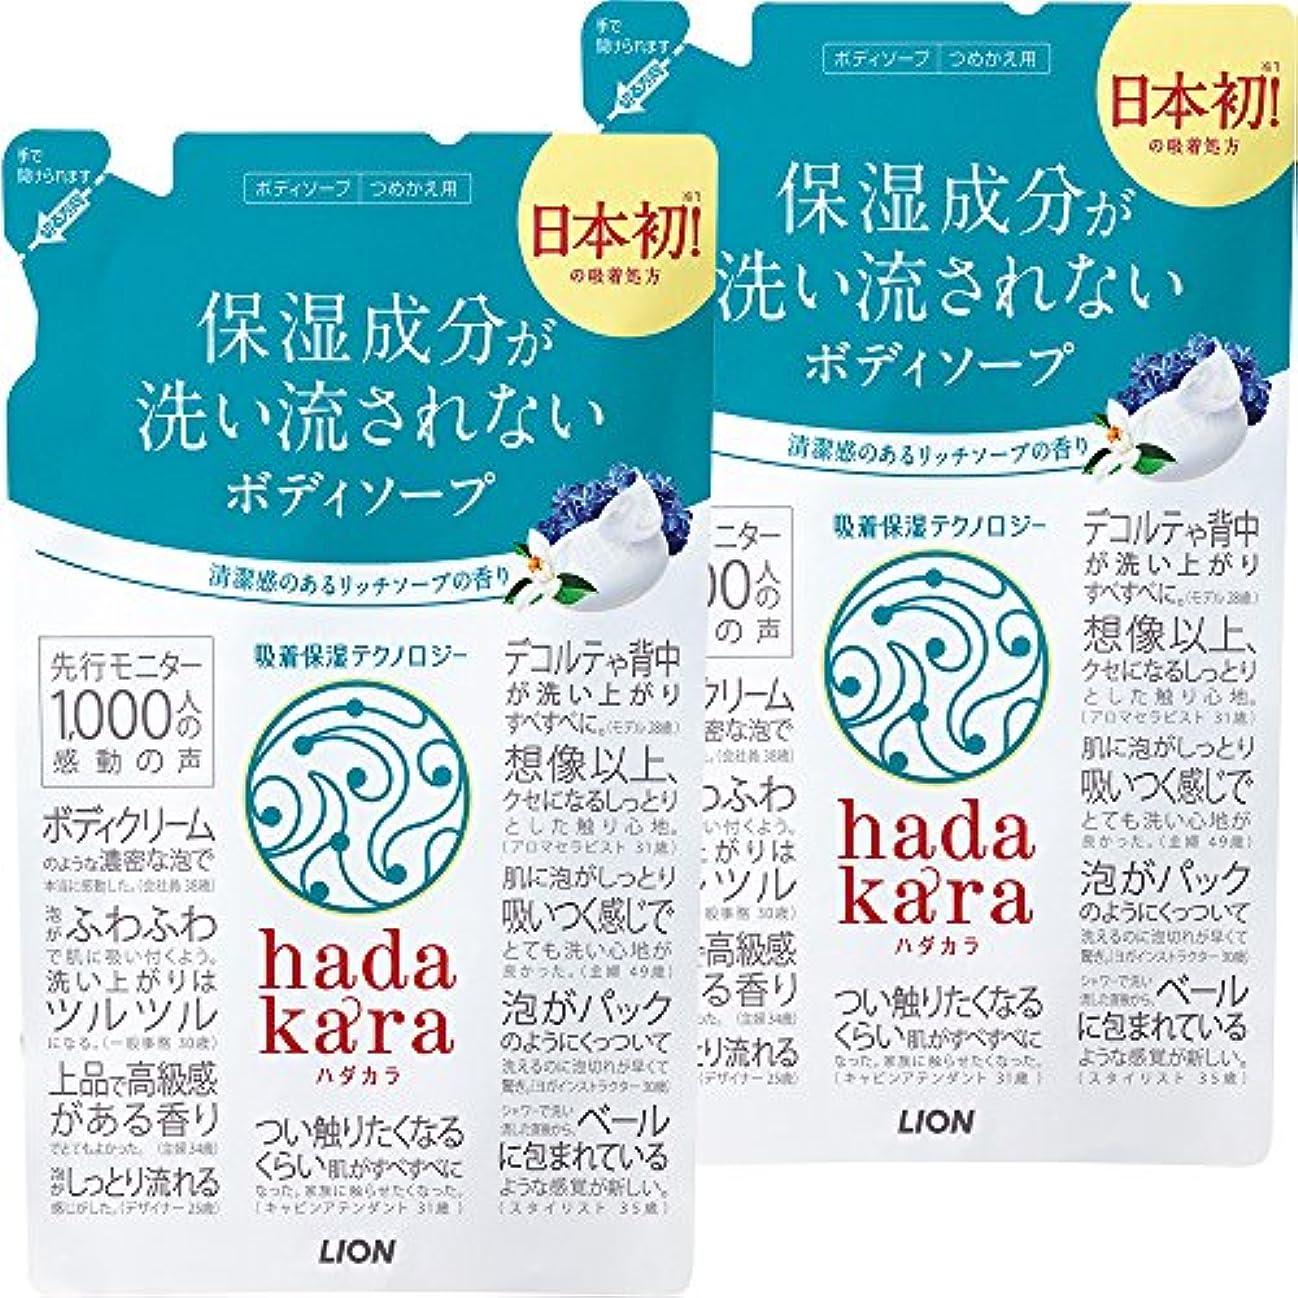 恐れる待つエンドウ【まとめ買い】hadakara(ハダカラ) ボディソープ リッチソープの香り 詰め替え 360ml×2個パック